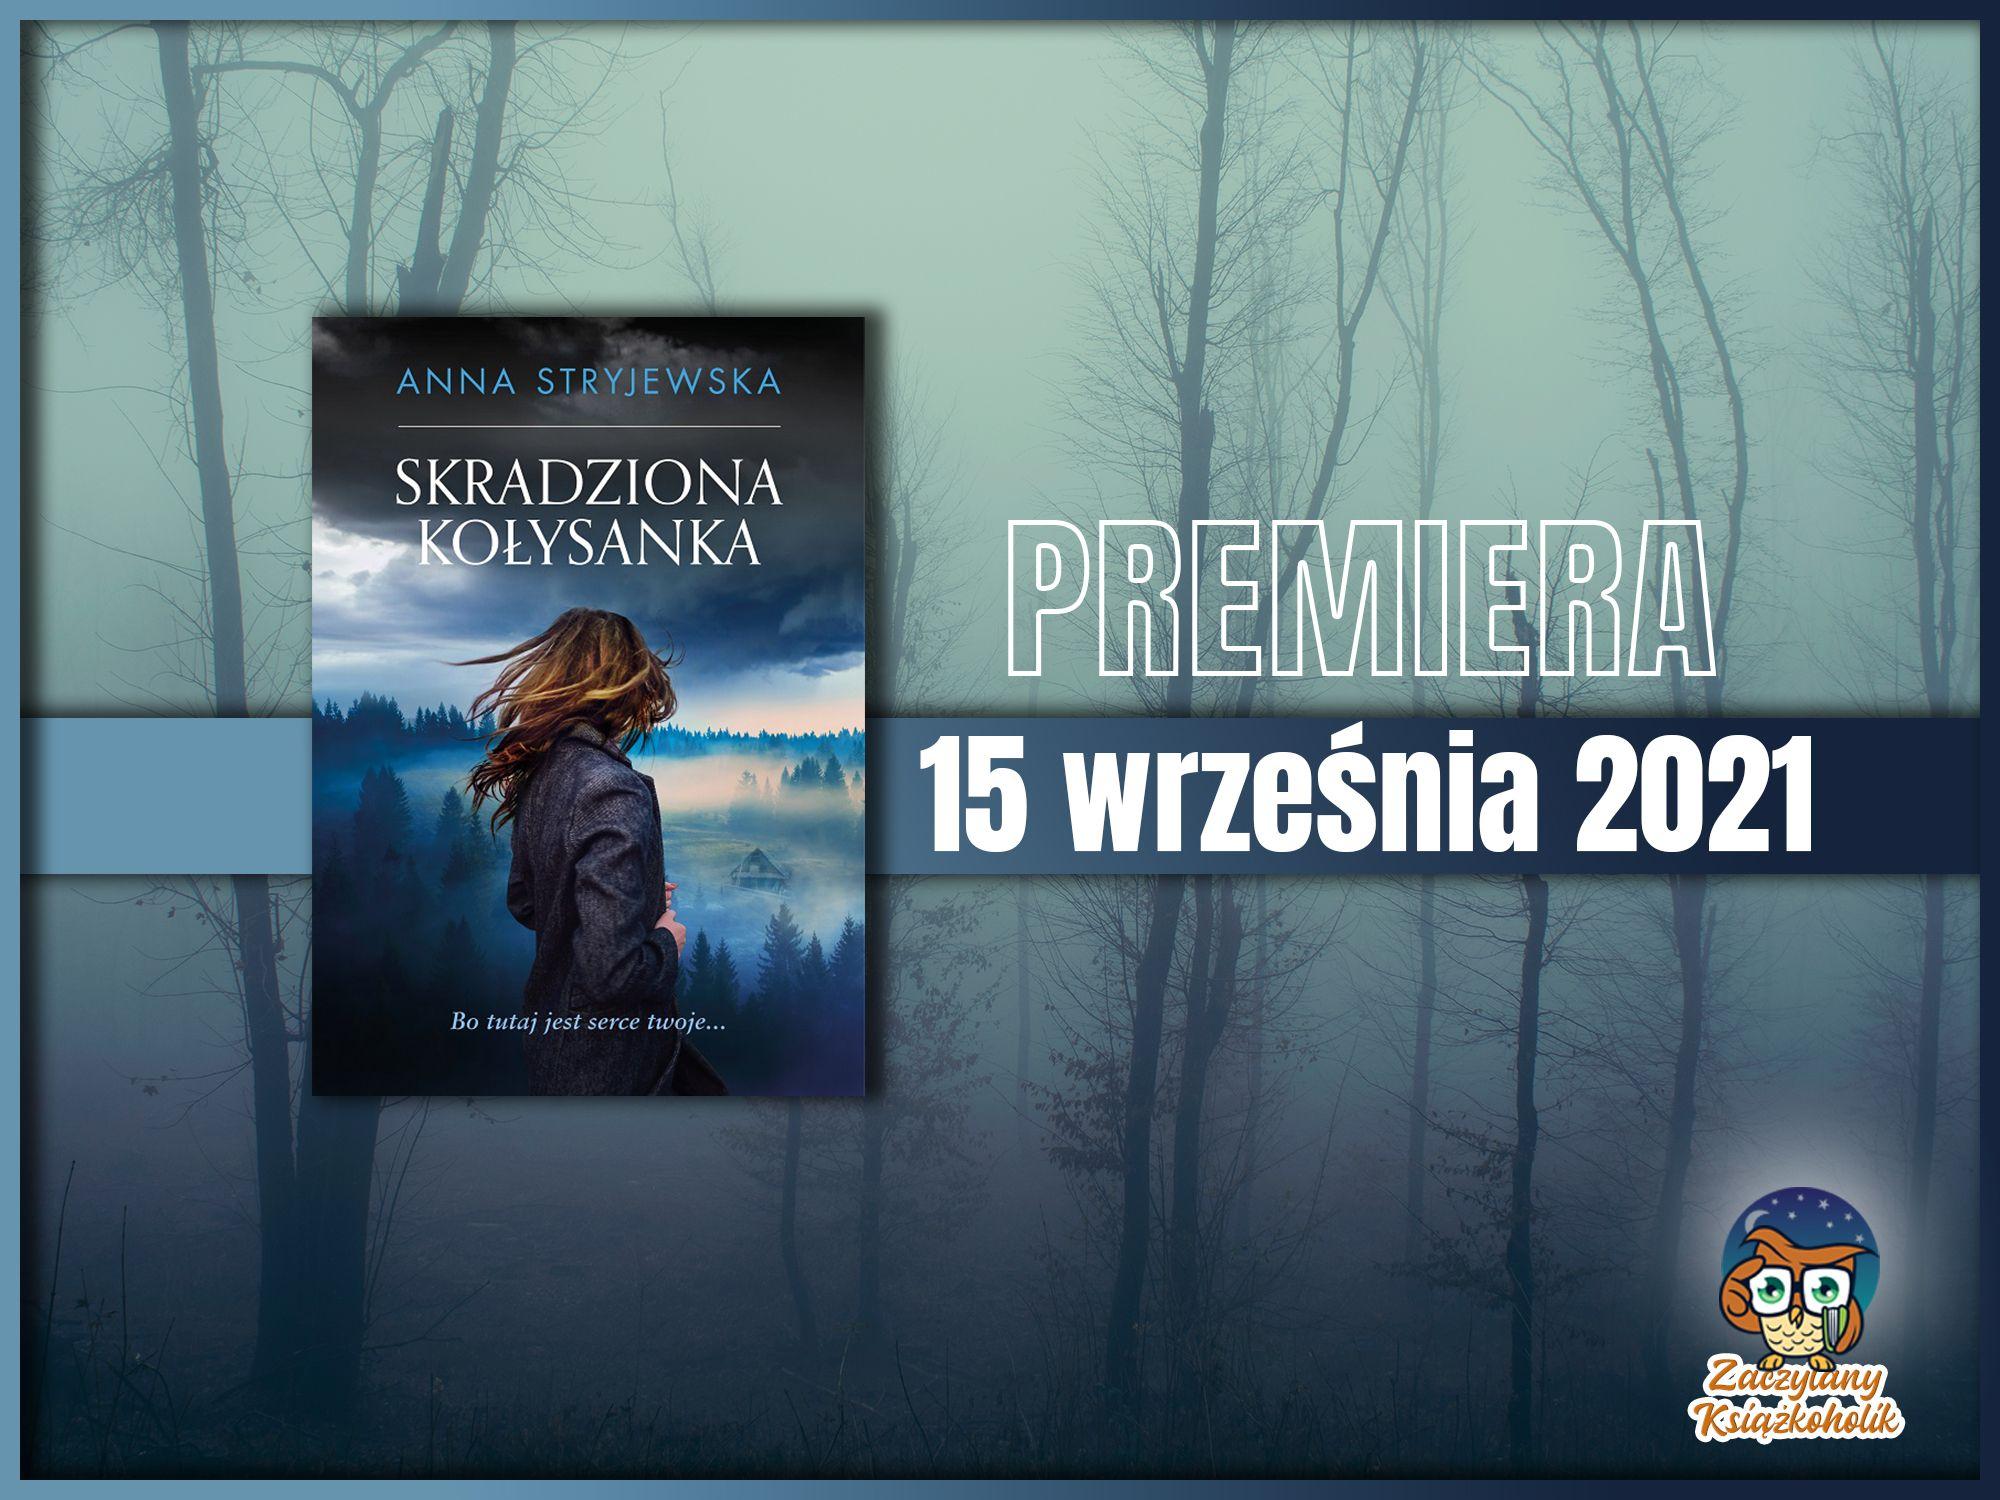 Skradziona kołysanka, Anna Stryjewska, zaczytanyksiazkoholik.pl